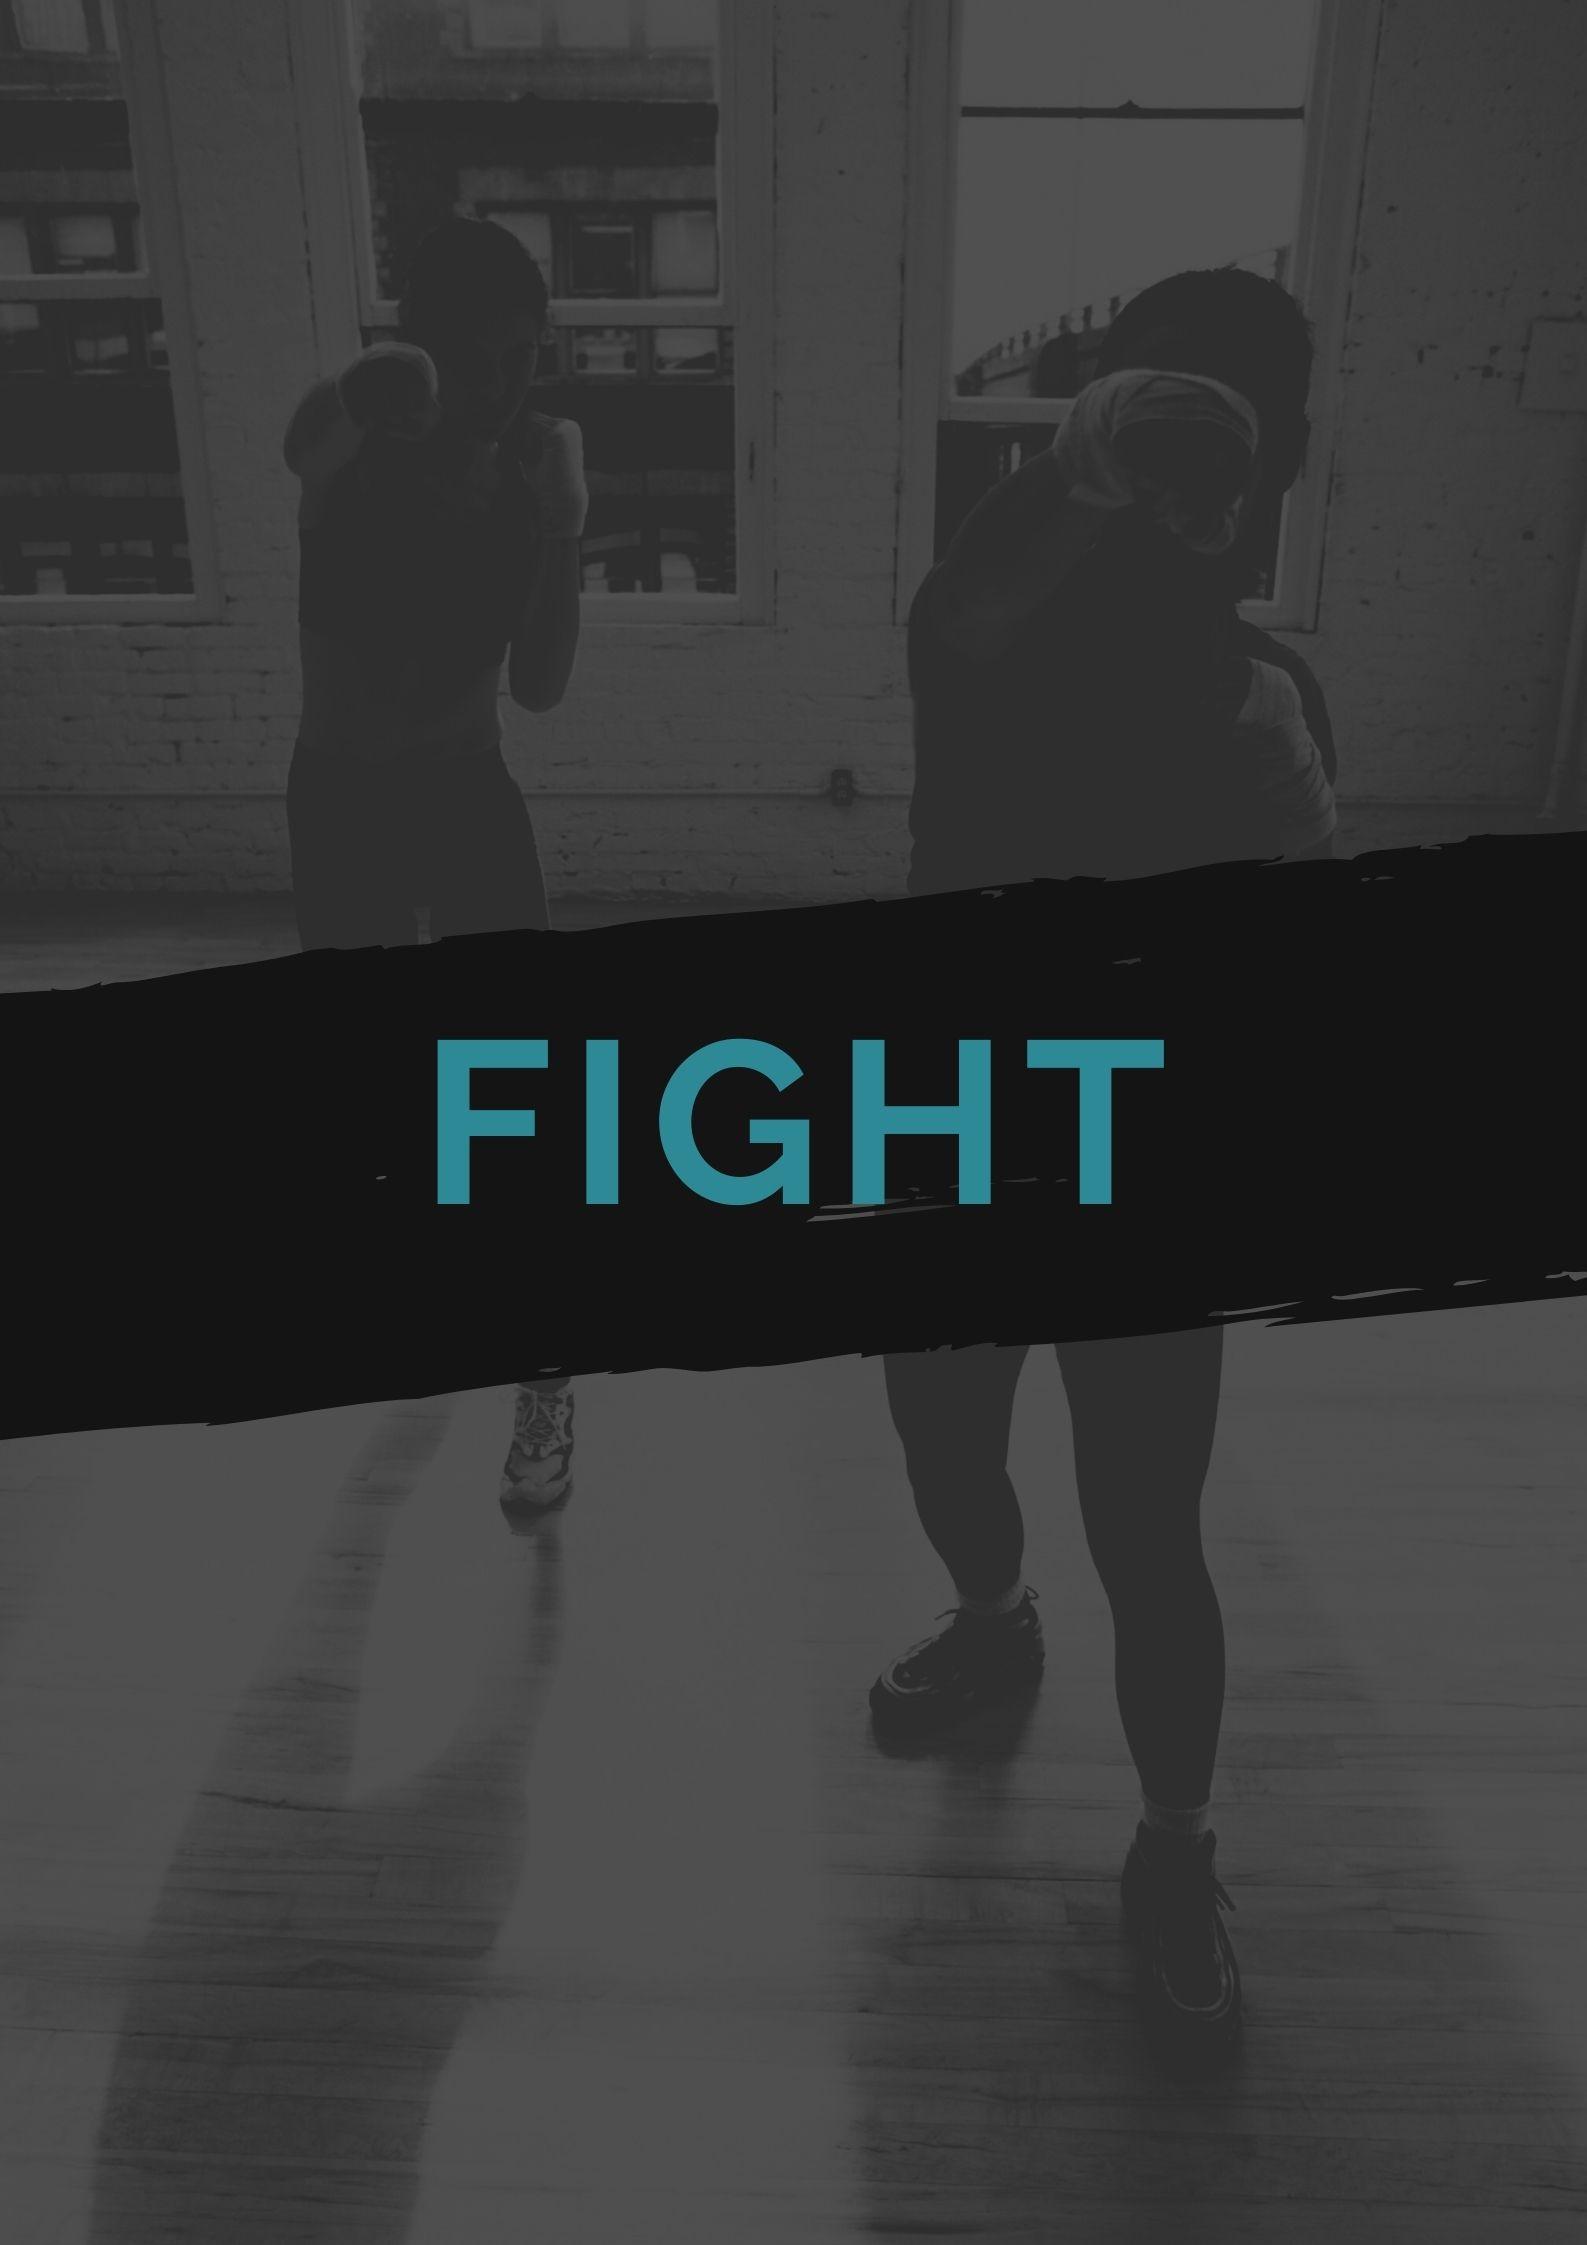 RIIO Fight - virtuaalikurssi 2.9. alkaen